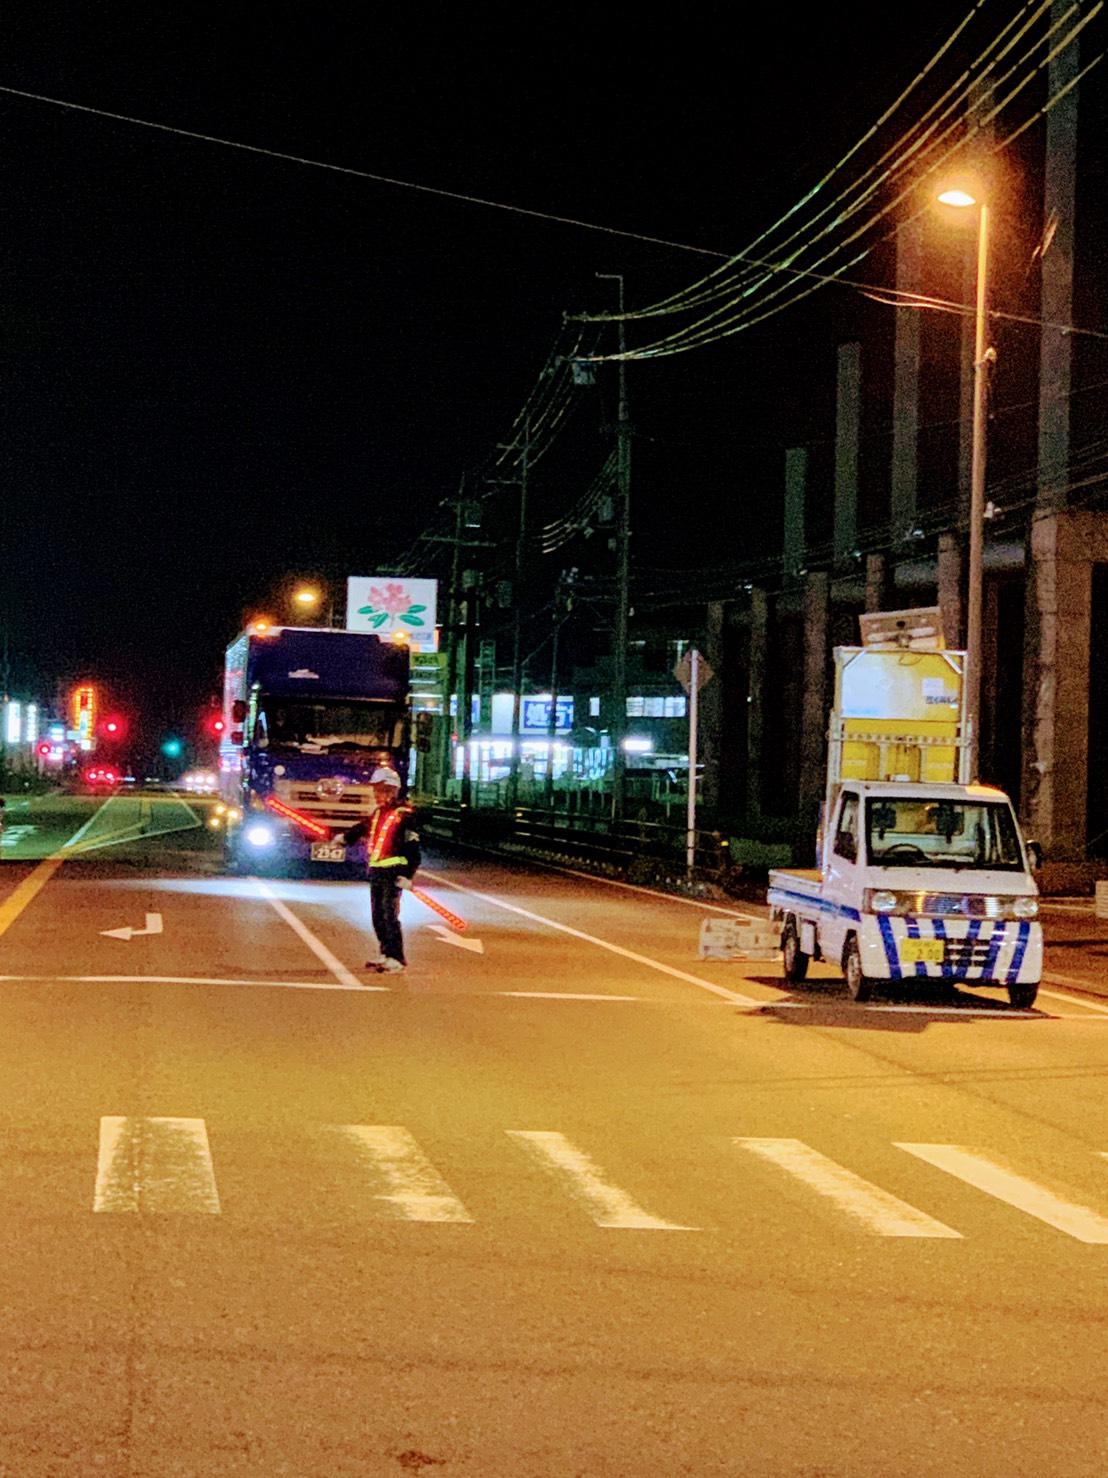 滋賀県蒲生郡日野町にて夜間工事のご依頼を賜わっております。